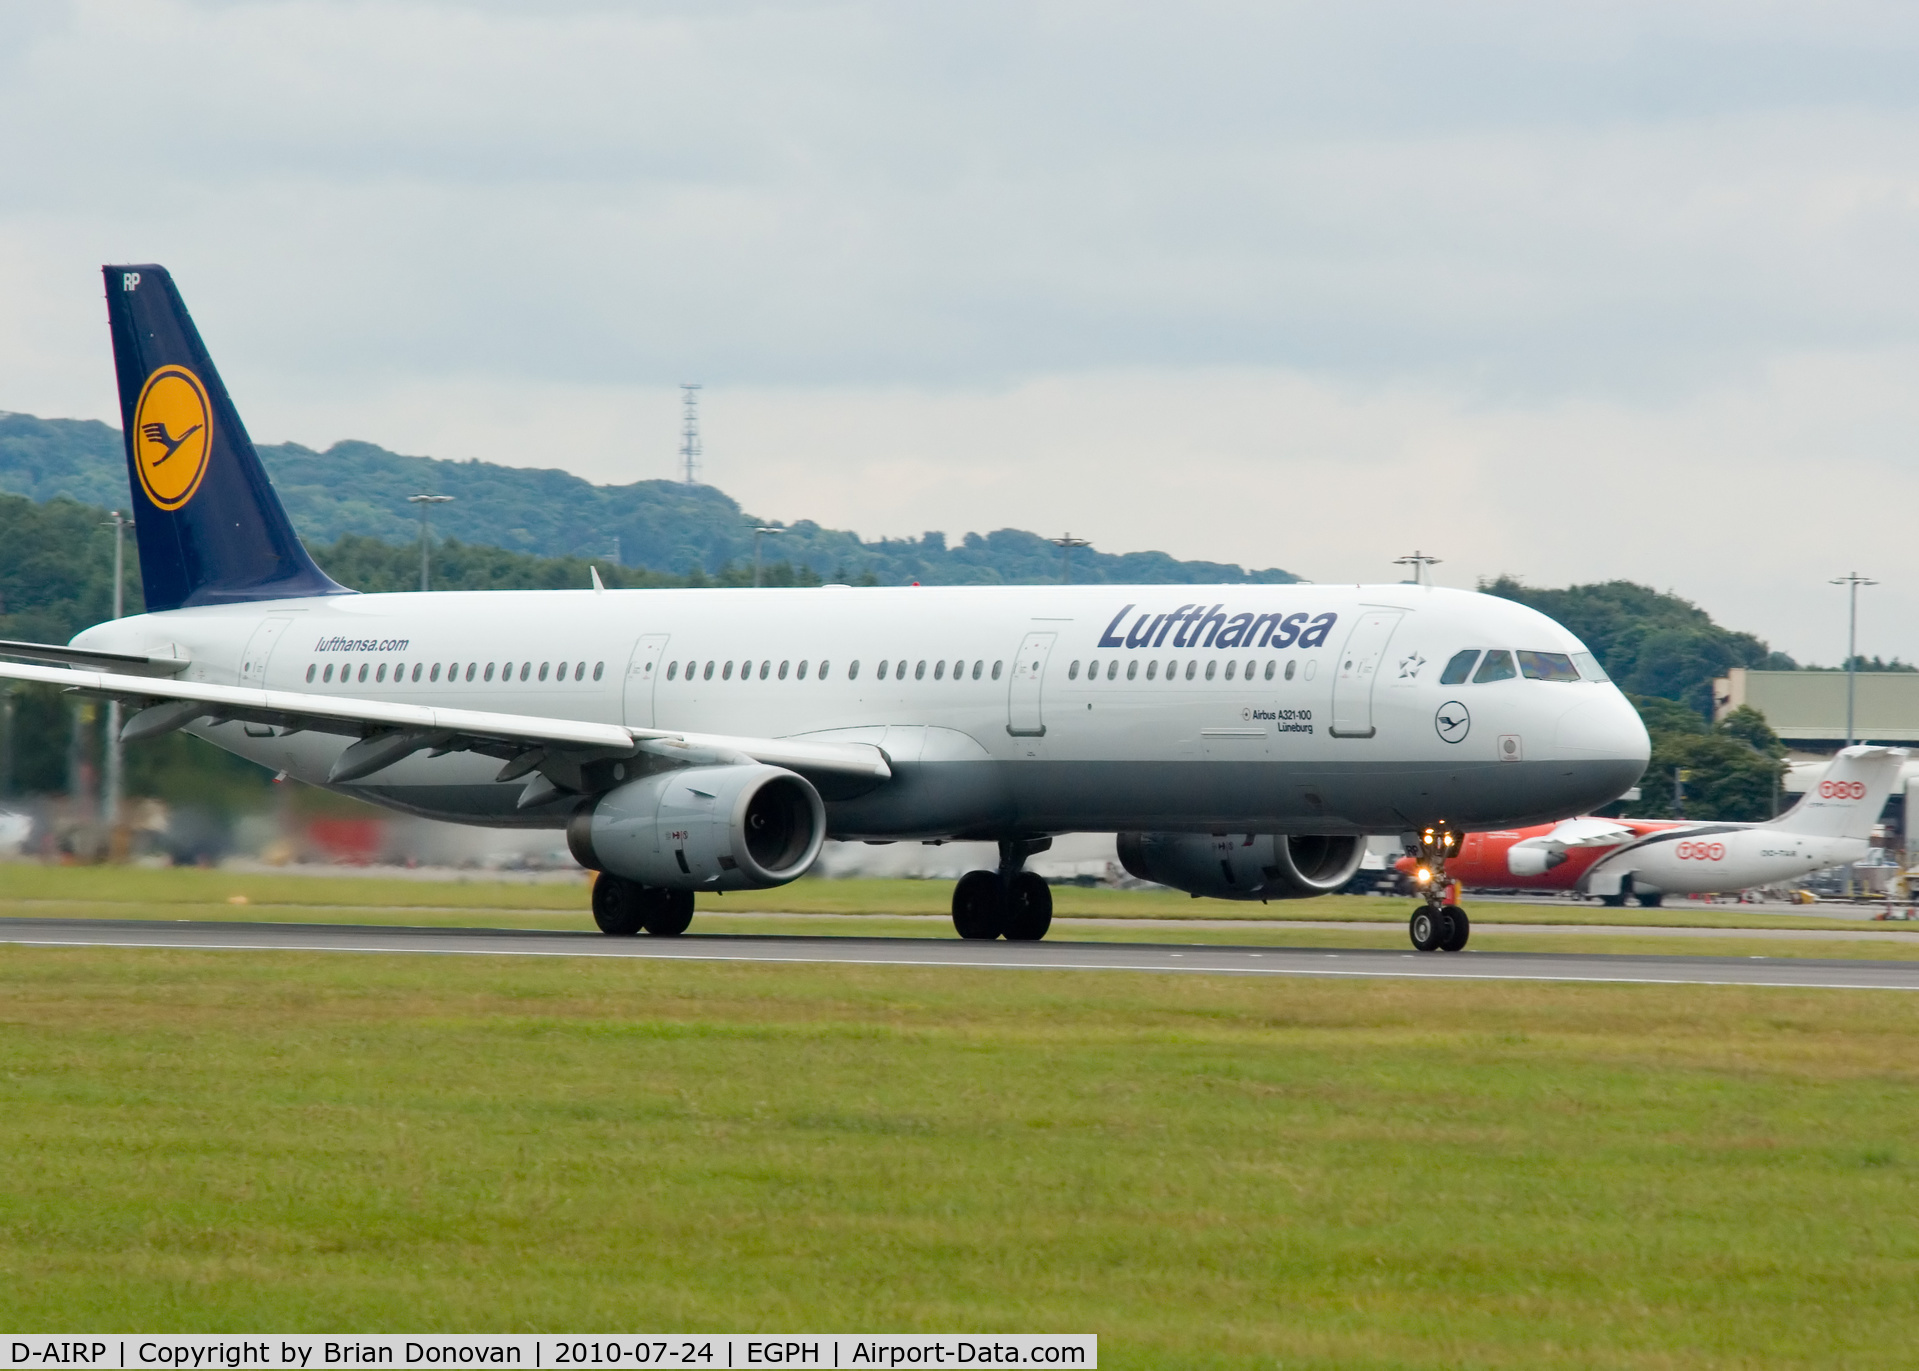 D-AIRP, 1995 Airbus A321-131 C/N 0564, Lufthansa